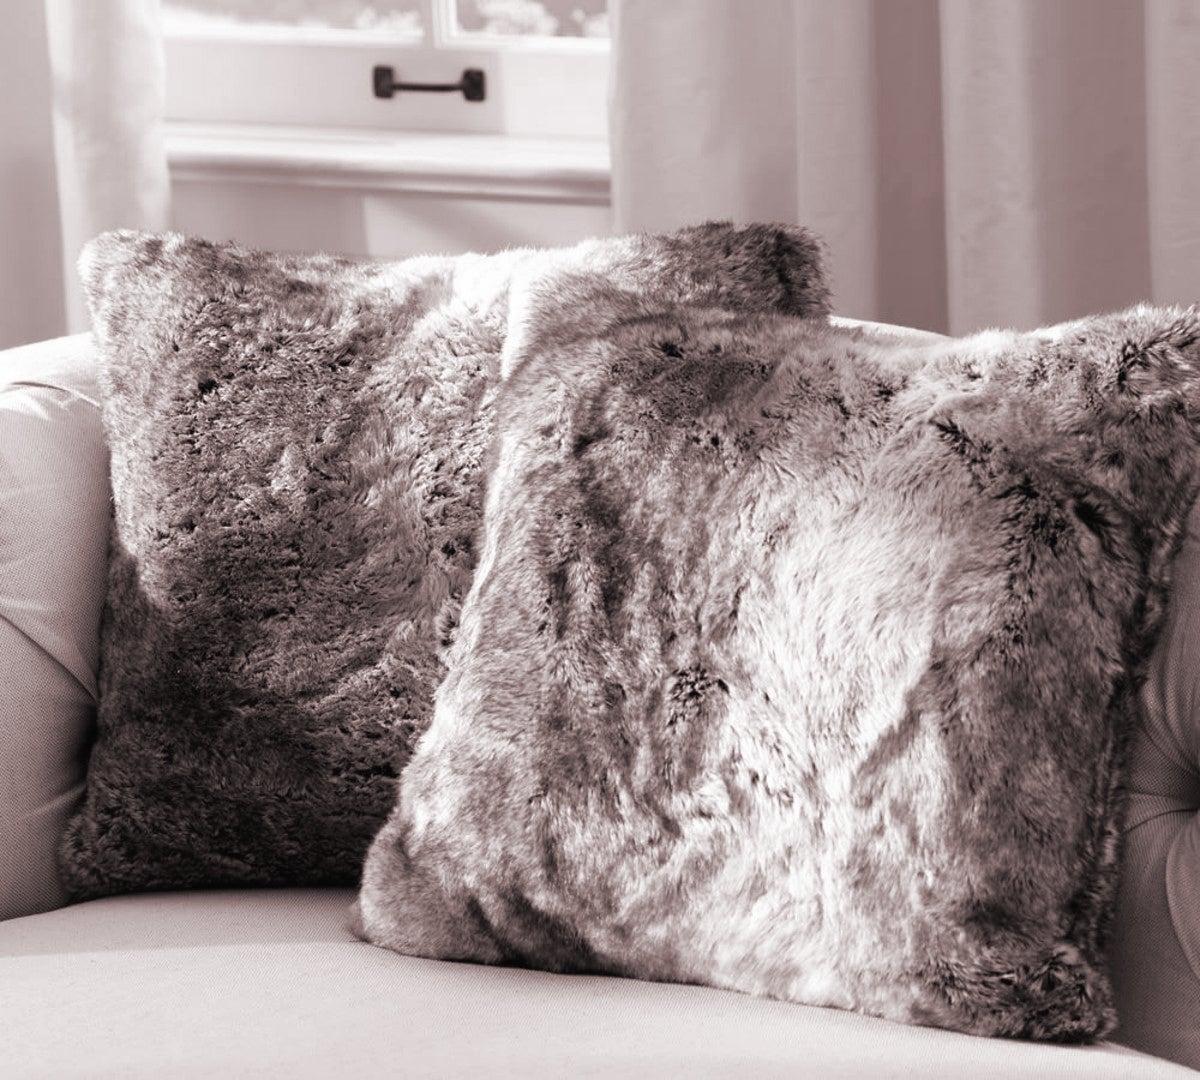 100 faux fur cushions and throws zinc faux fur cushion luxd